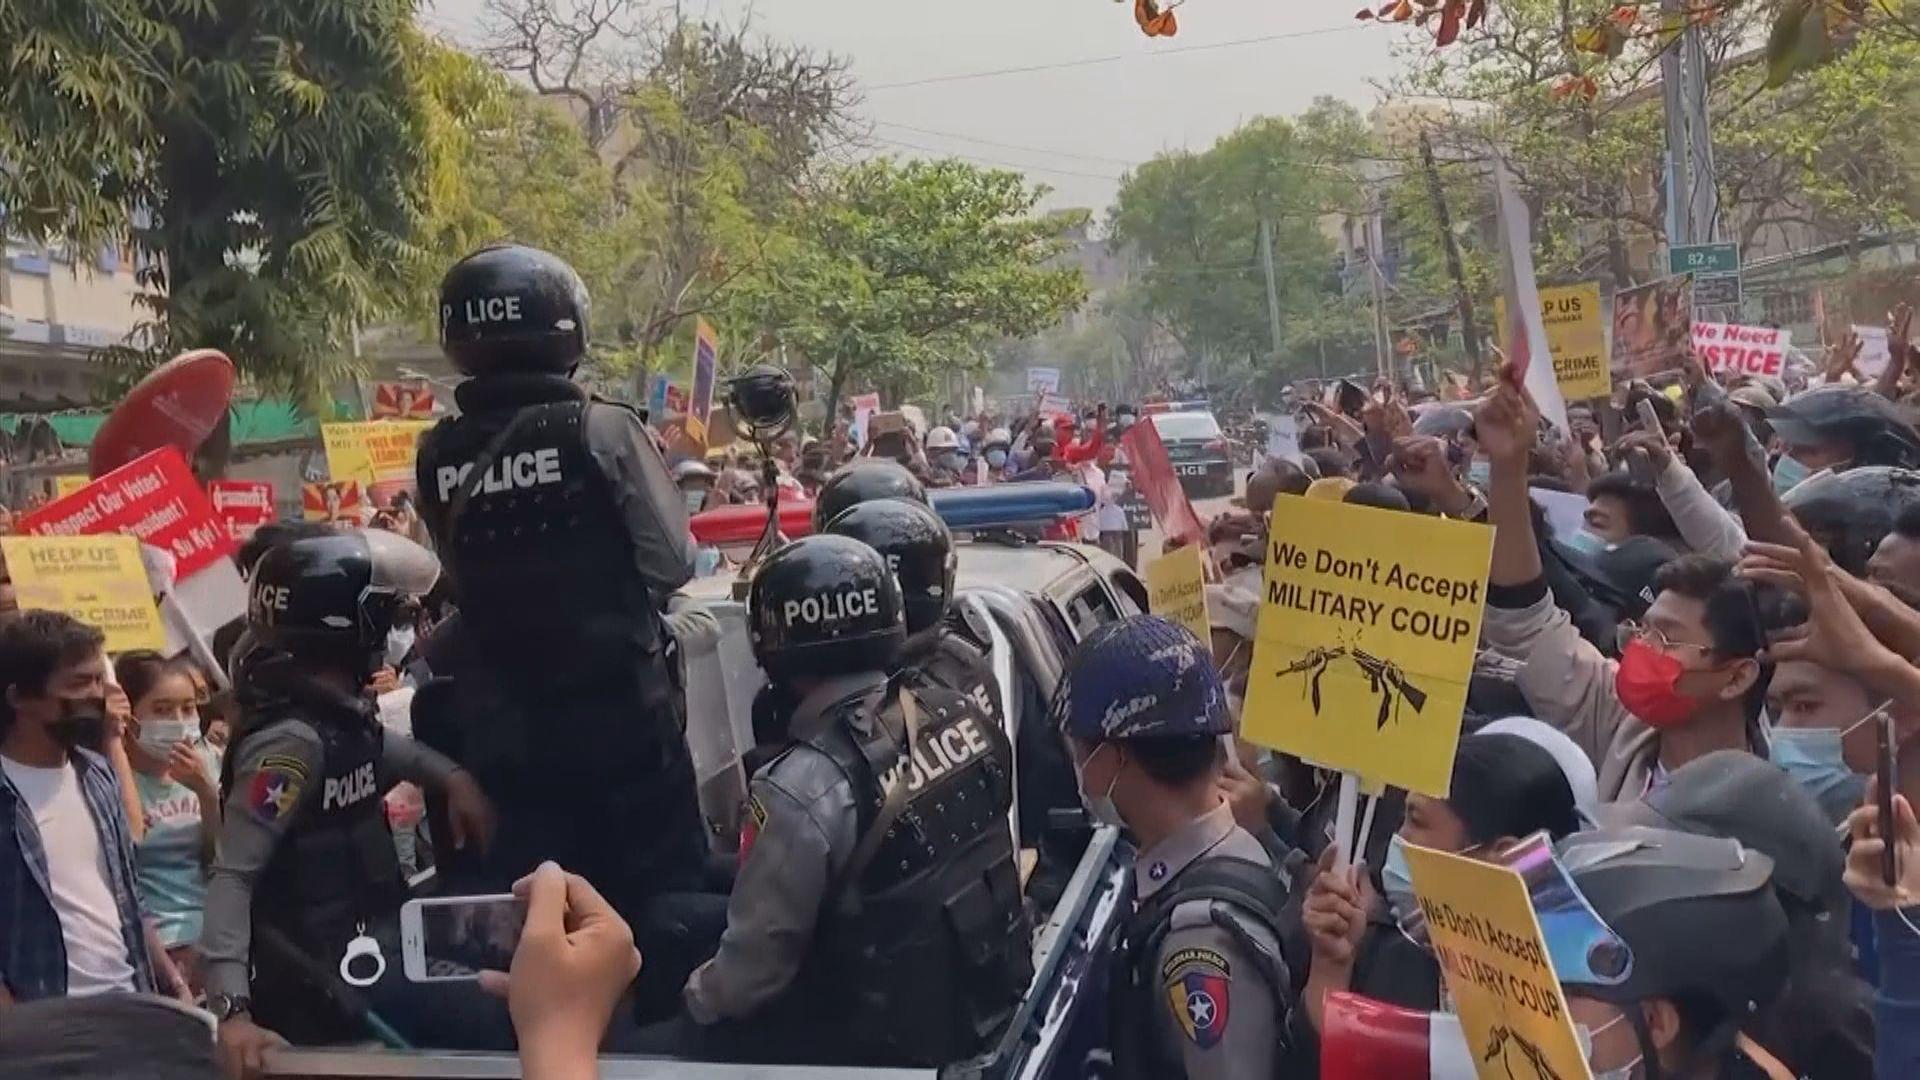 聯合國報告員指緬甸軍方轉移兵至多個城市